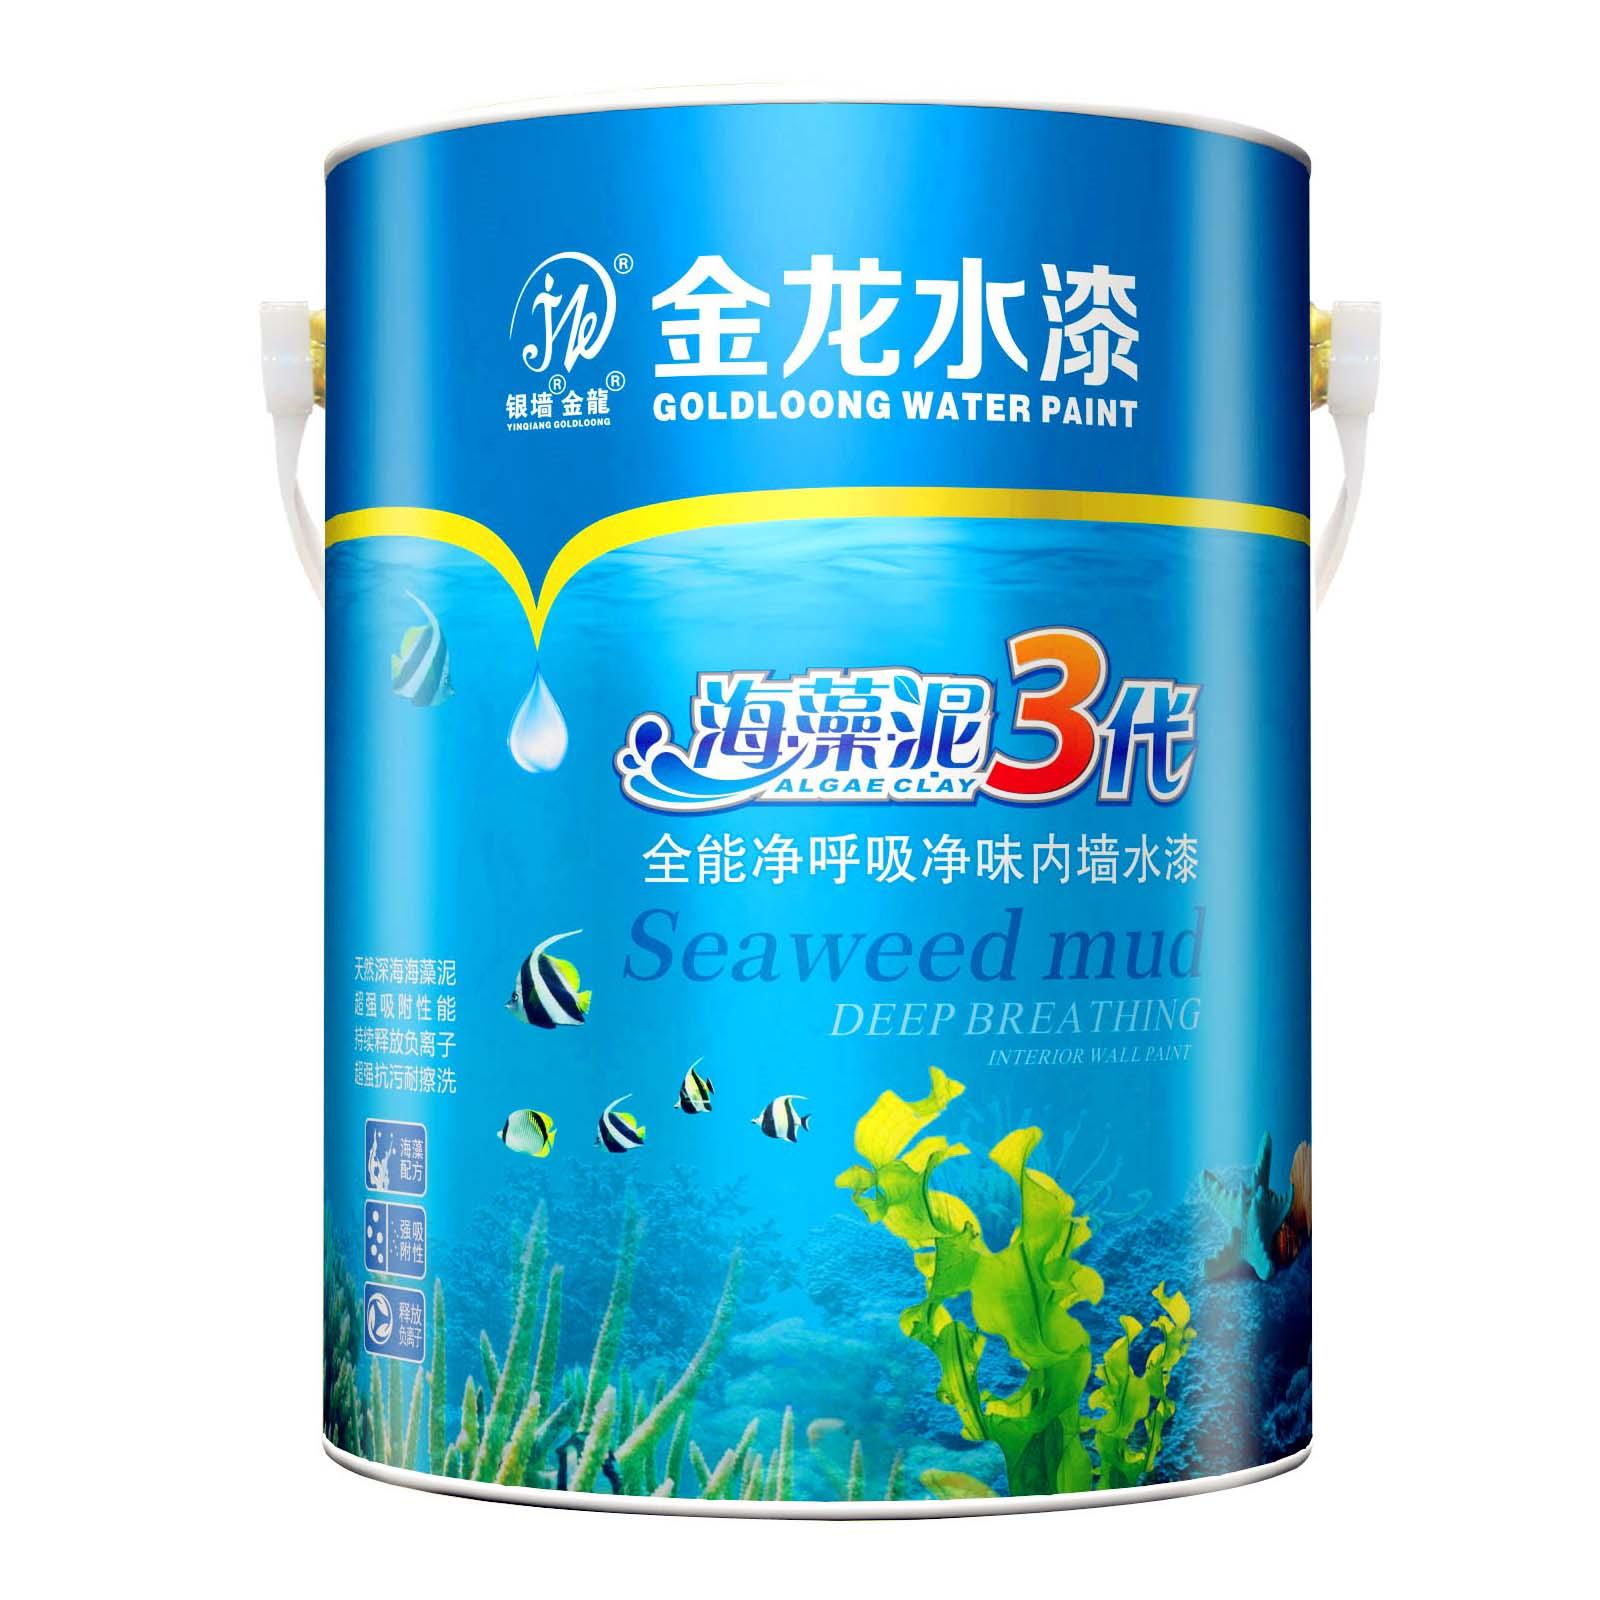 金龙海藻泥3代净味内墙水漆